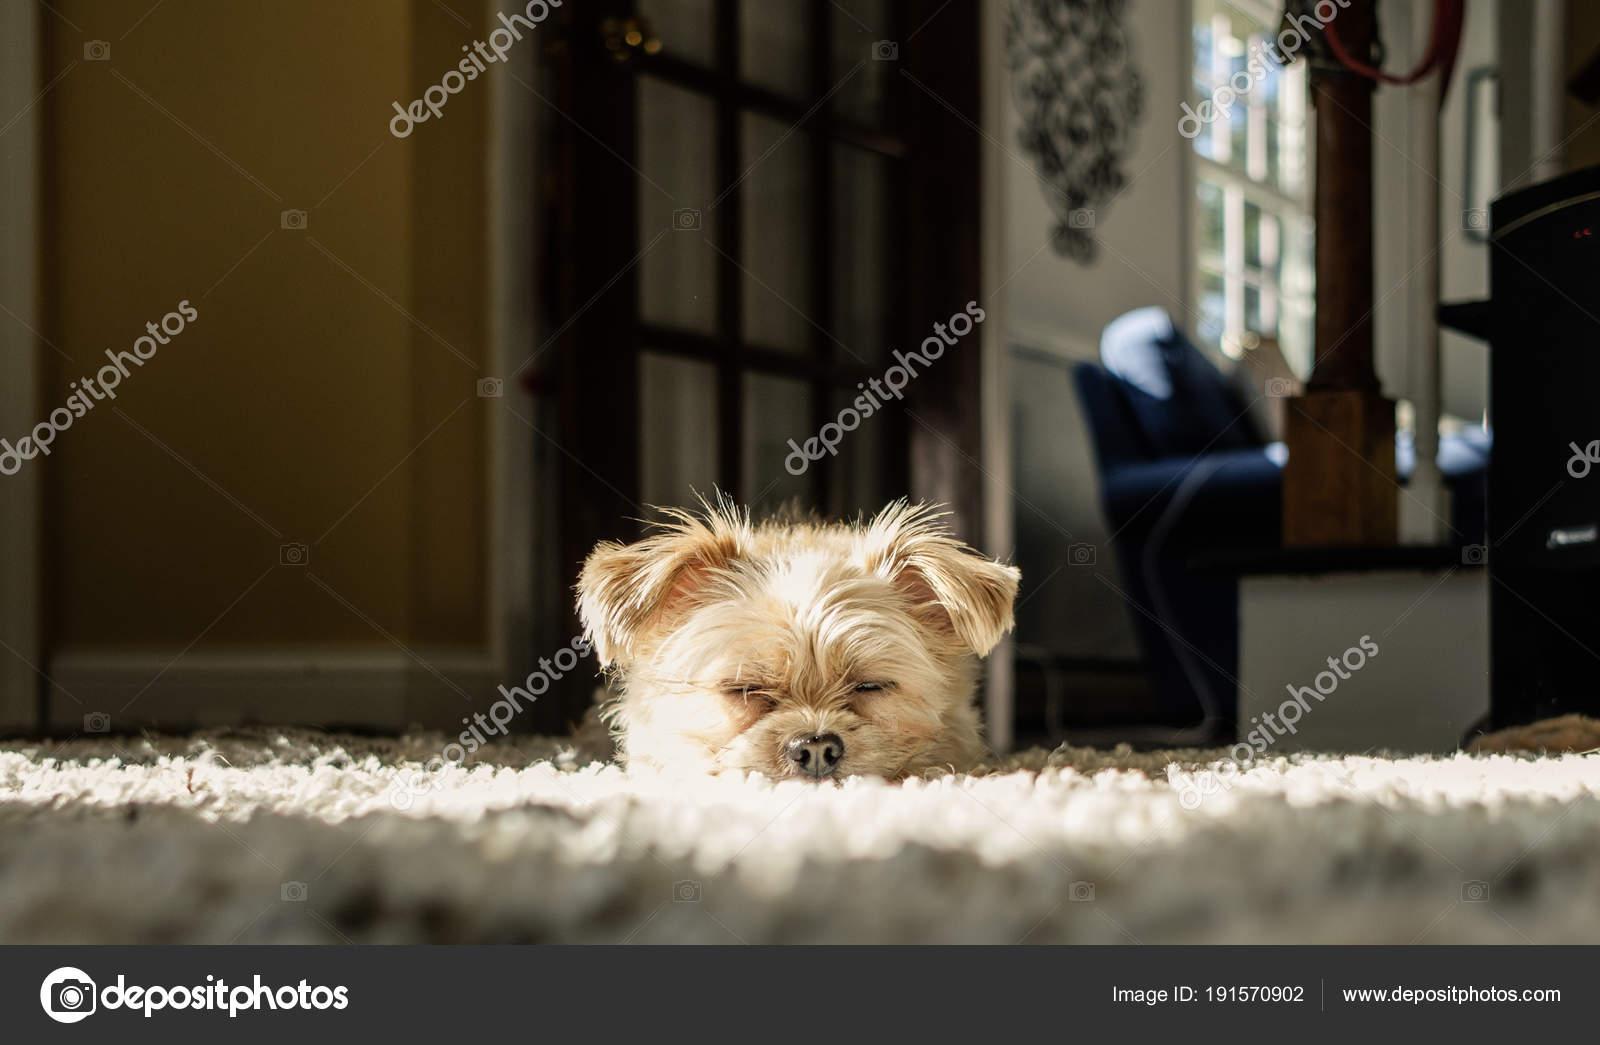 Tappeto Morbido Per Cani : Cucciolo cane sveglio che posa morbido tappeto u foto stock